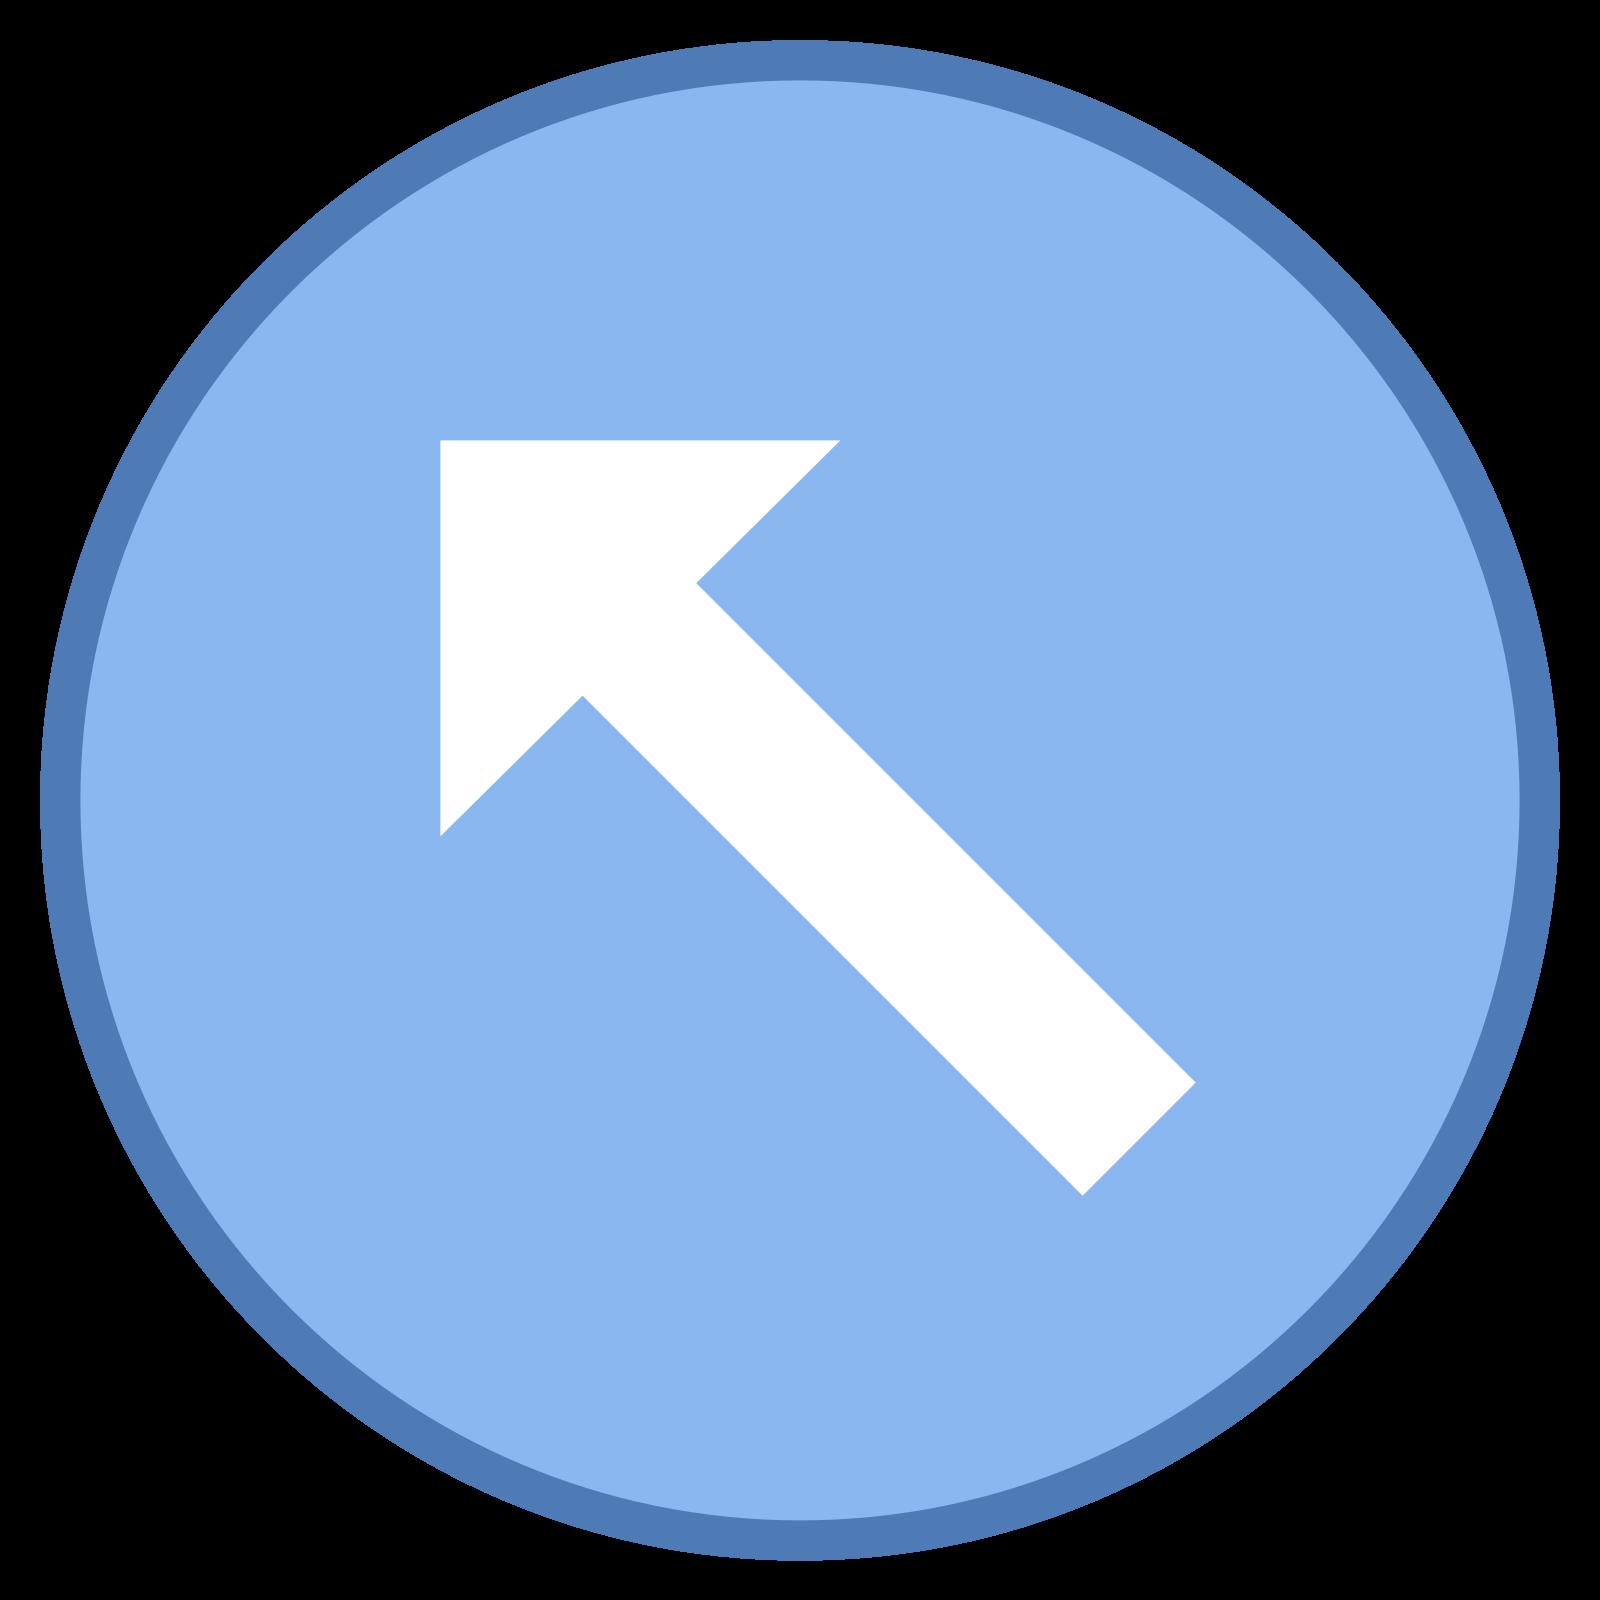 Arriba izquierda círculo icon